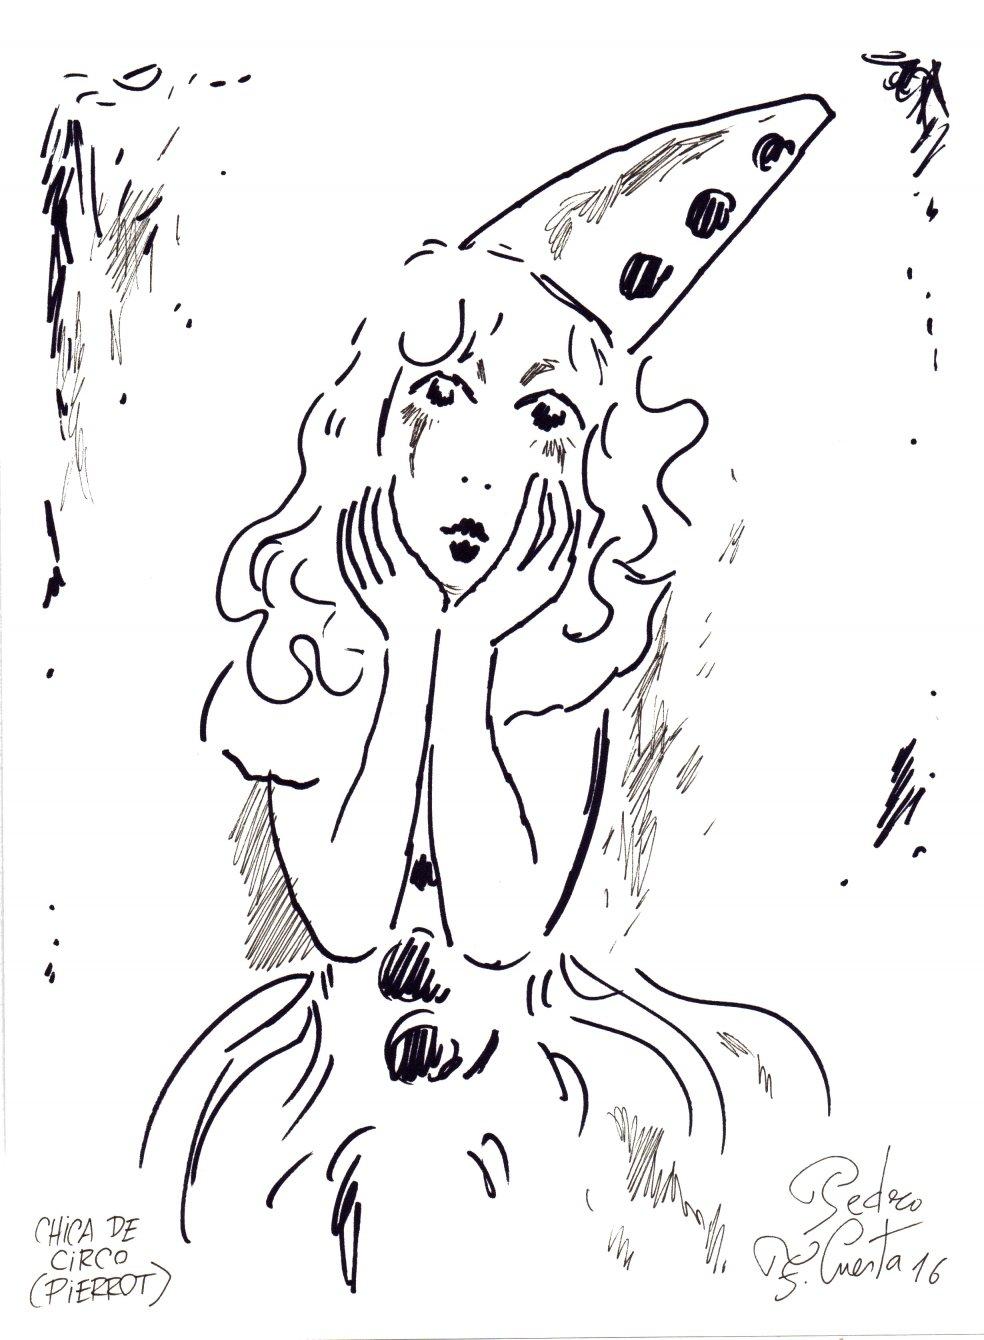 Chica de circo (Pierrot)